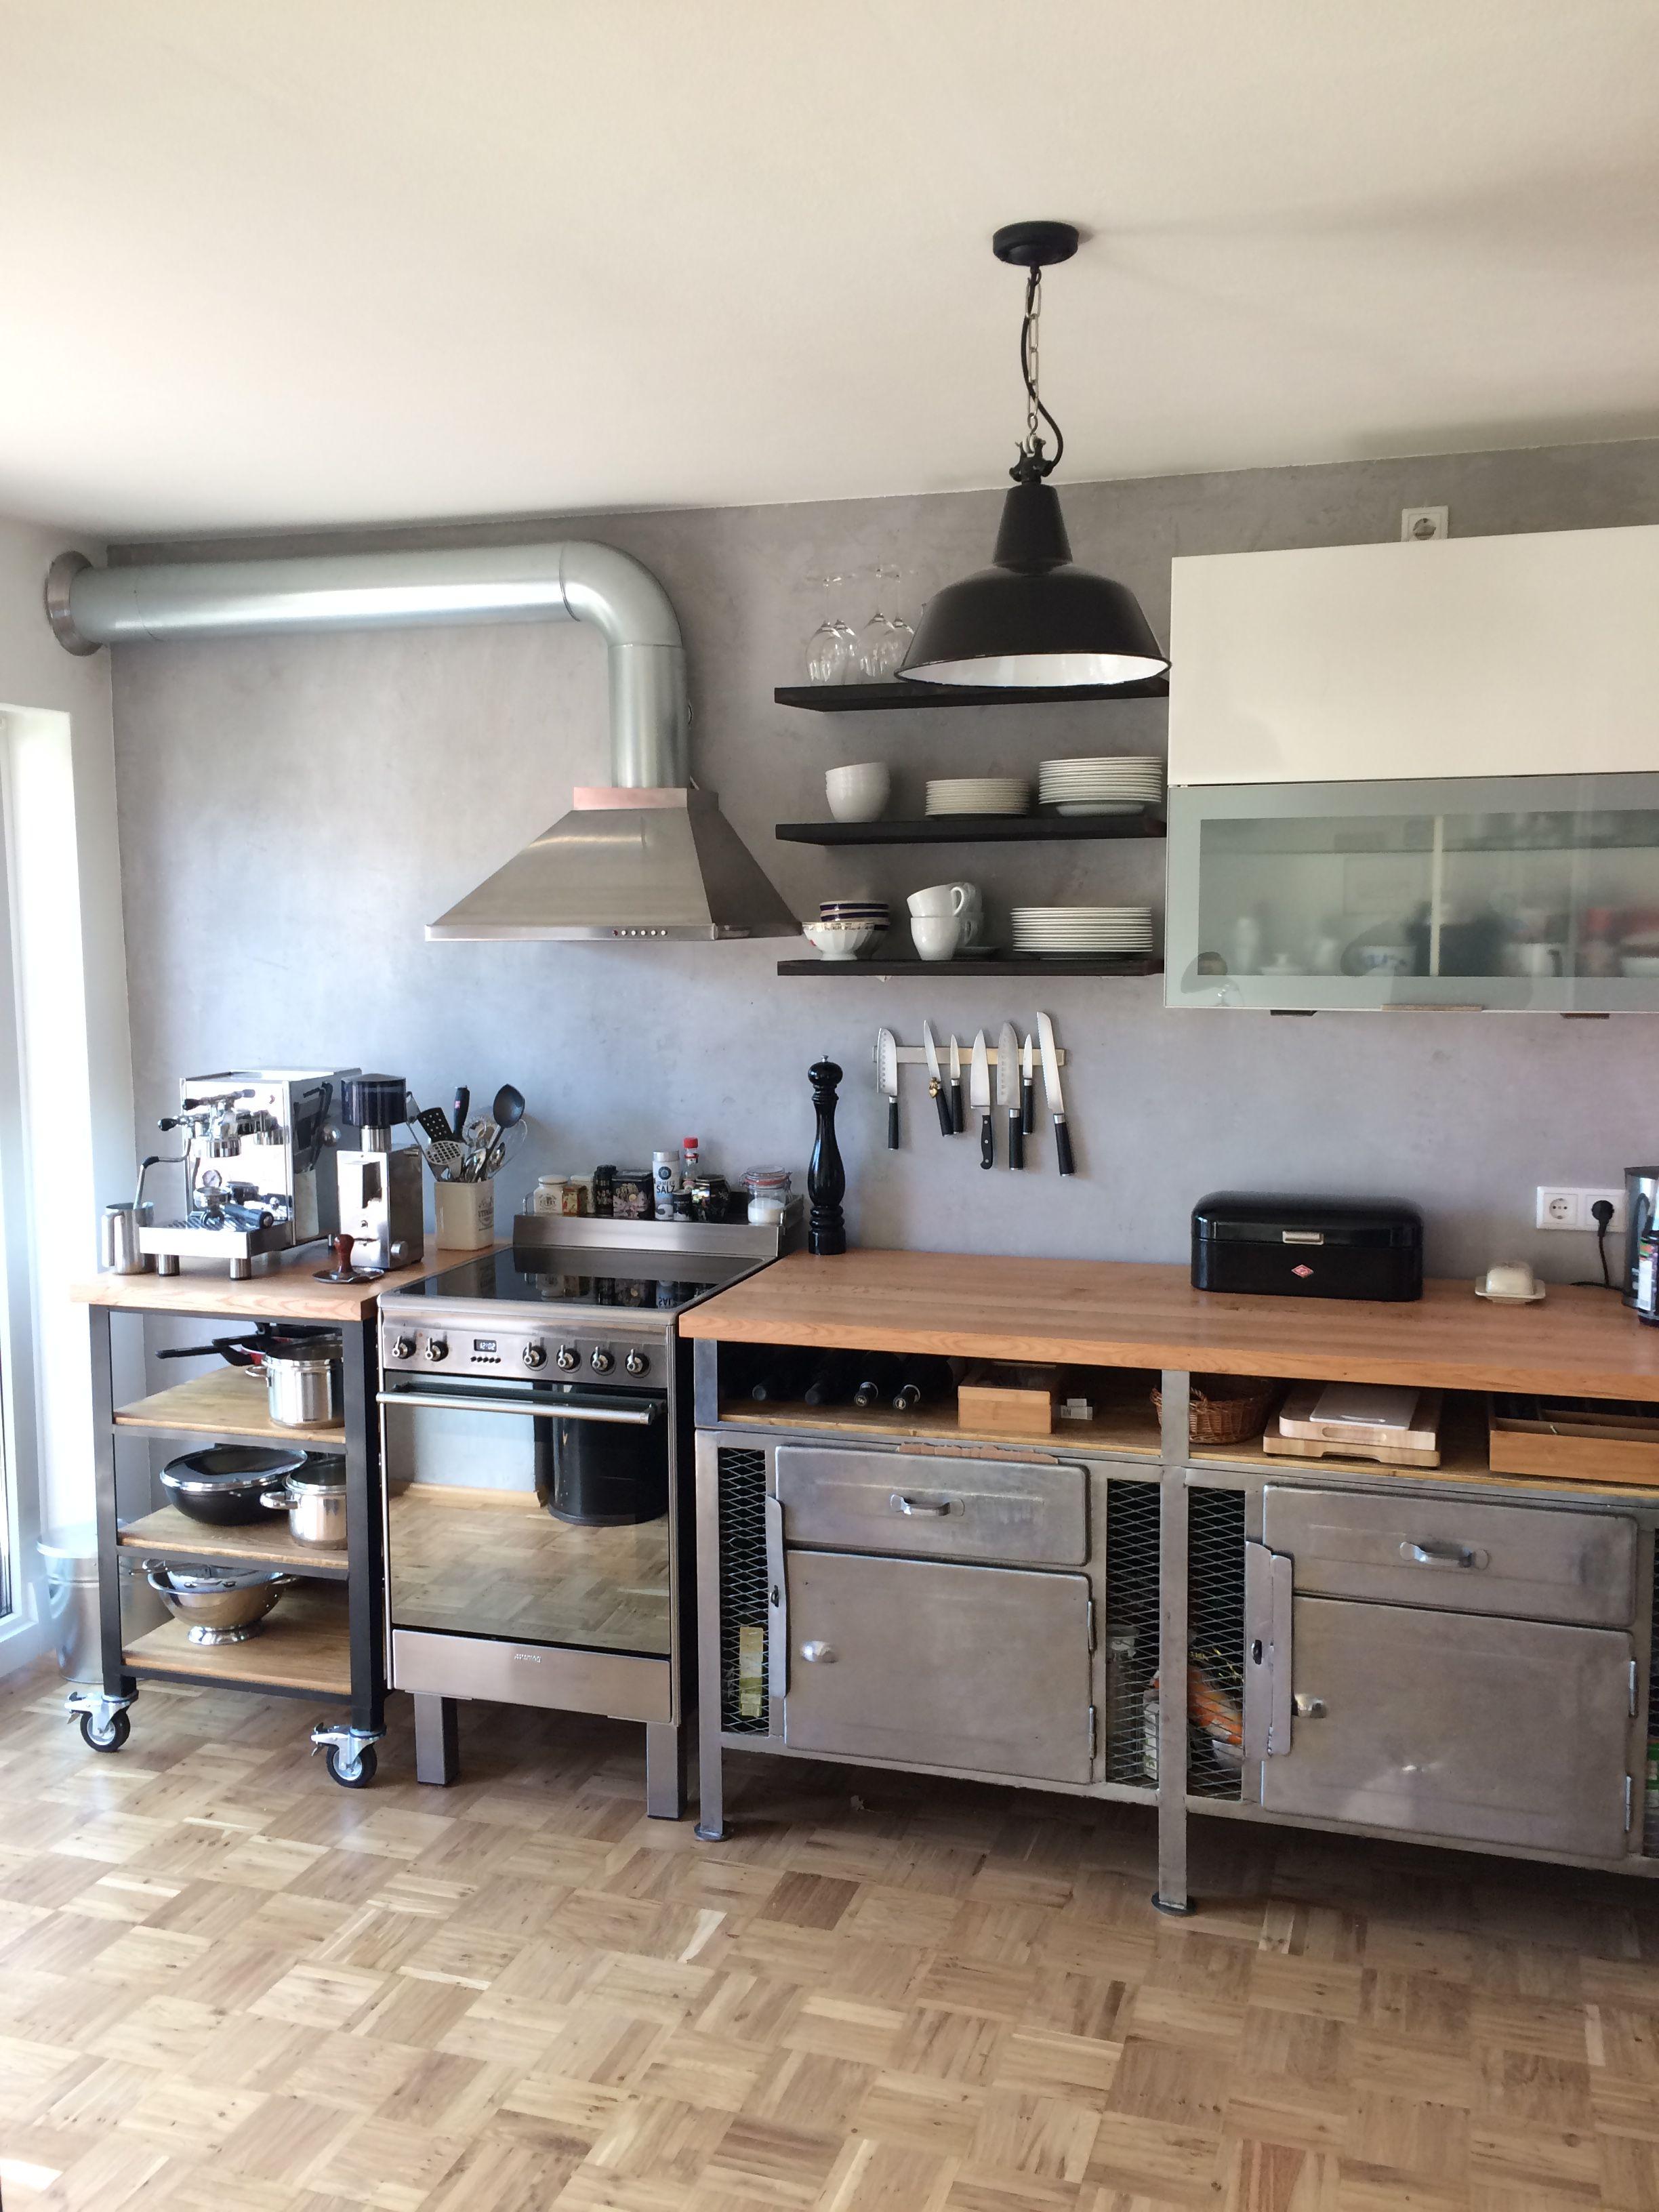 industrie design im wohnraum k che k che industrie design beton pinterest design. Black Bedroom Furniture Sets. Home Design Ideas